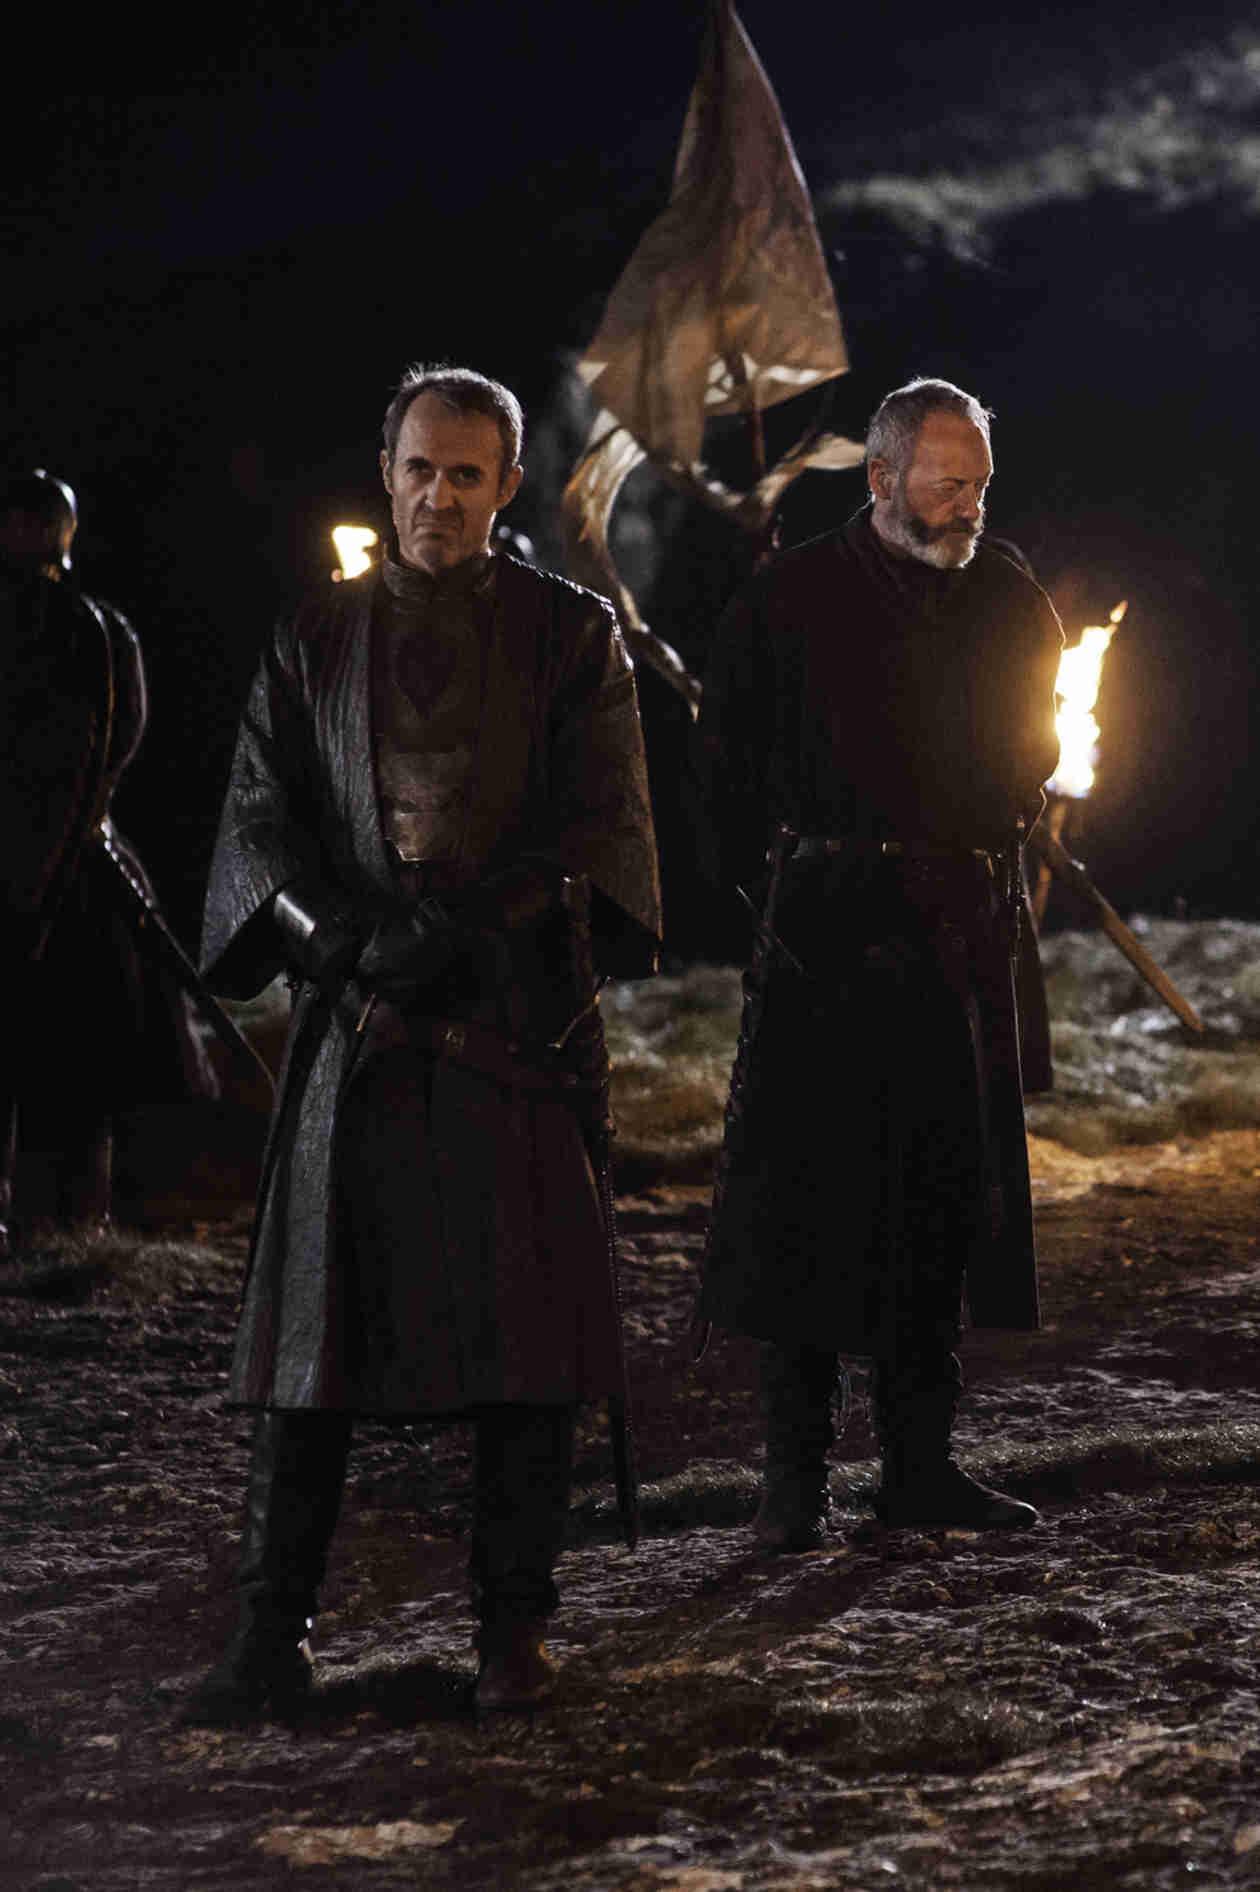 Game of Thrones Season 5 Spoiler: Does Stannis Die?